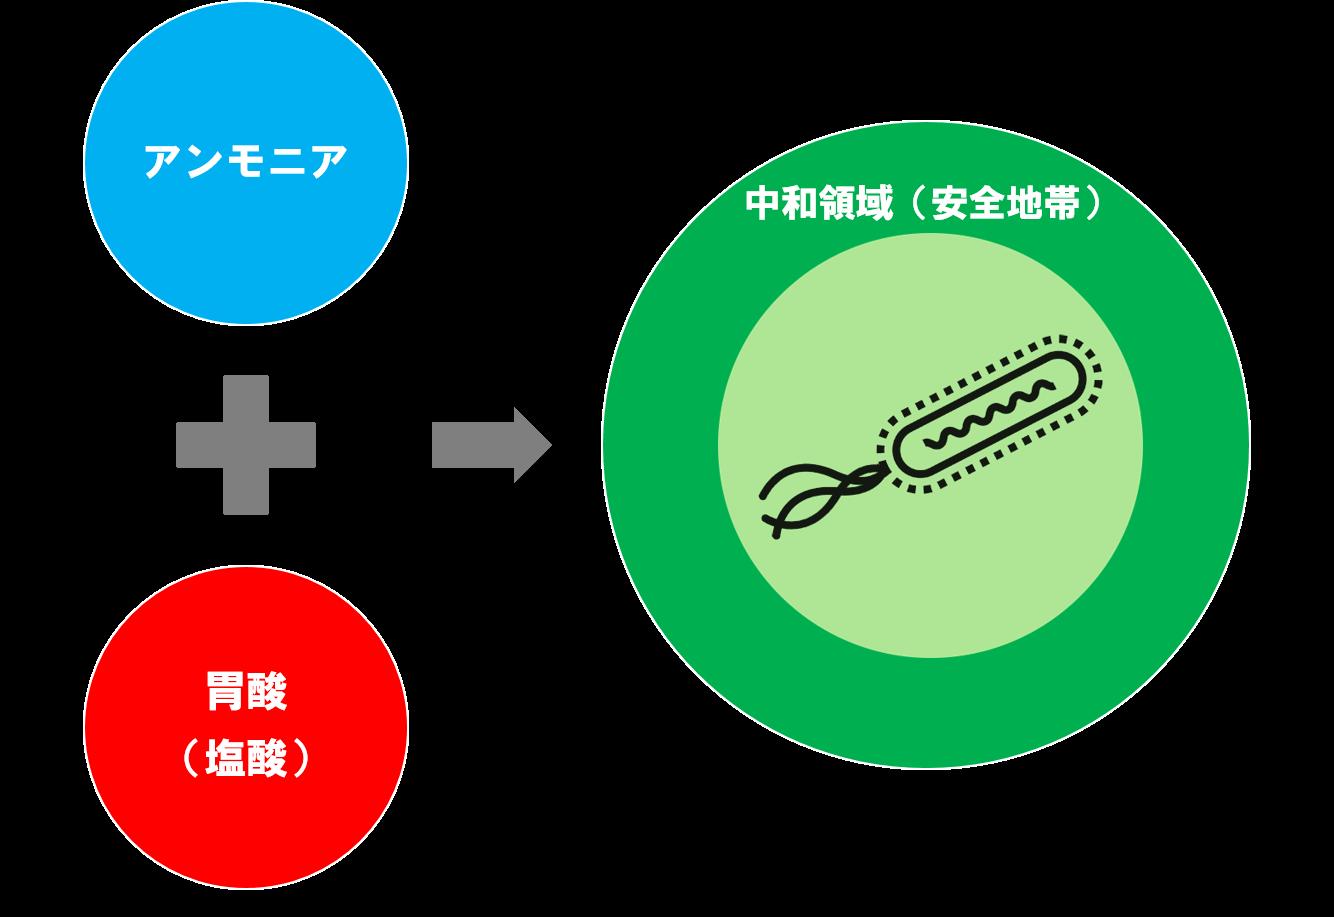 ピロリ菌はアンモニアを中和して胃にすみつく